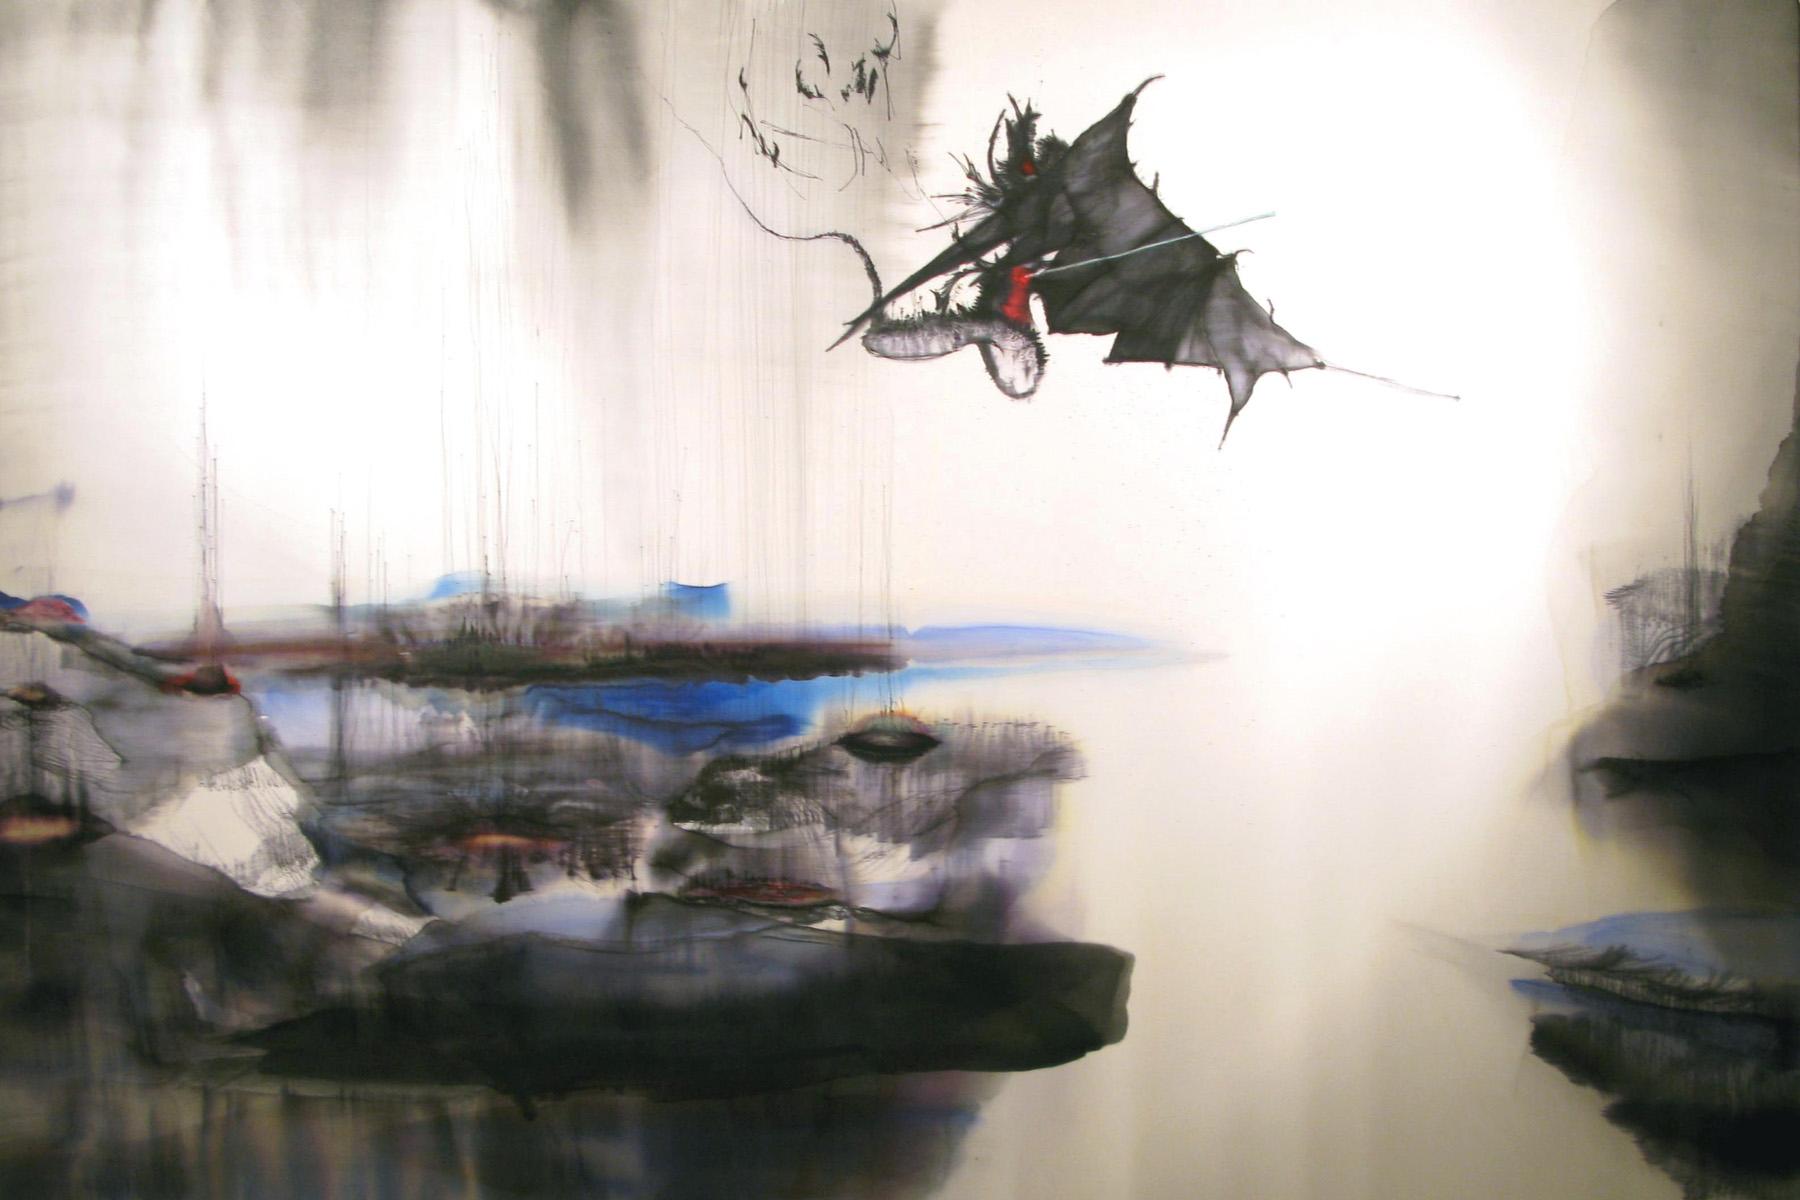 Daniele Giunta, Il drago di Giorgio, 2008, inchiostri su seta, cm 130x180, courtesy of De Faveri Arte, Feltre